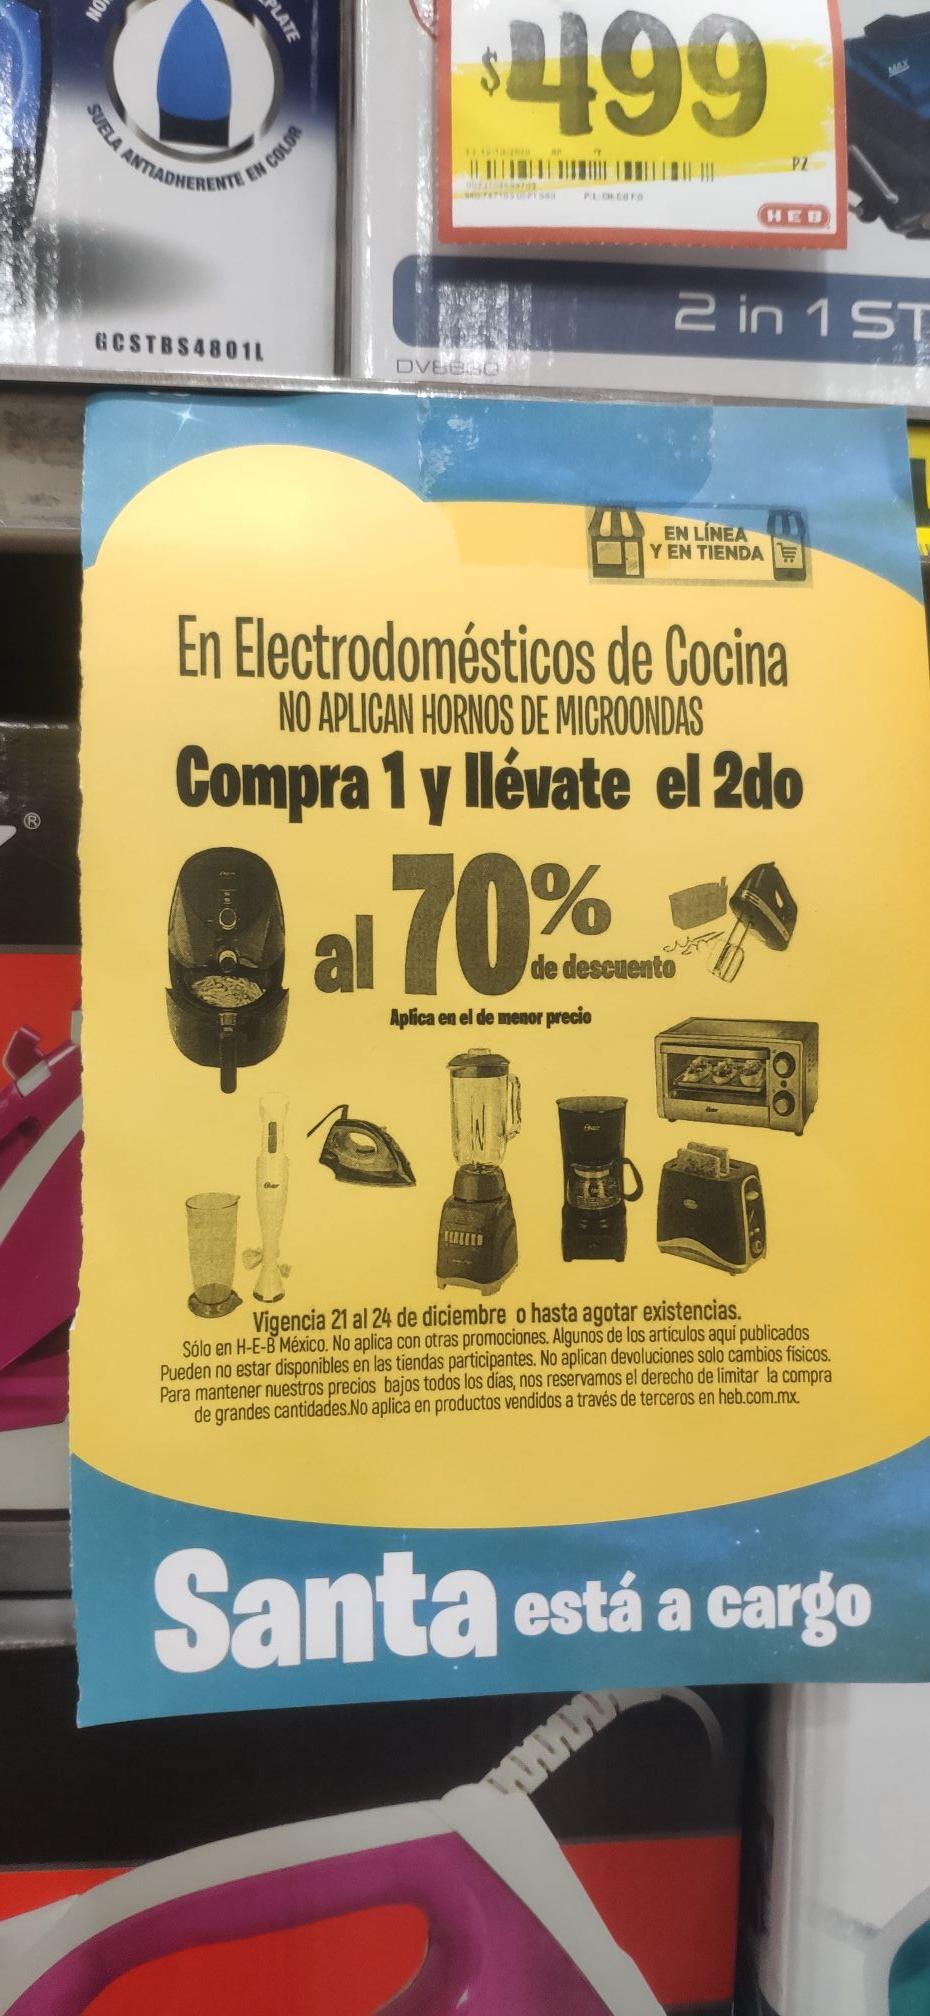 HEB En todos los electrodomésticos el 2do va con 70% de descuento